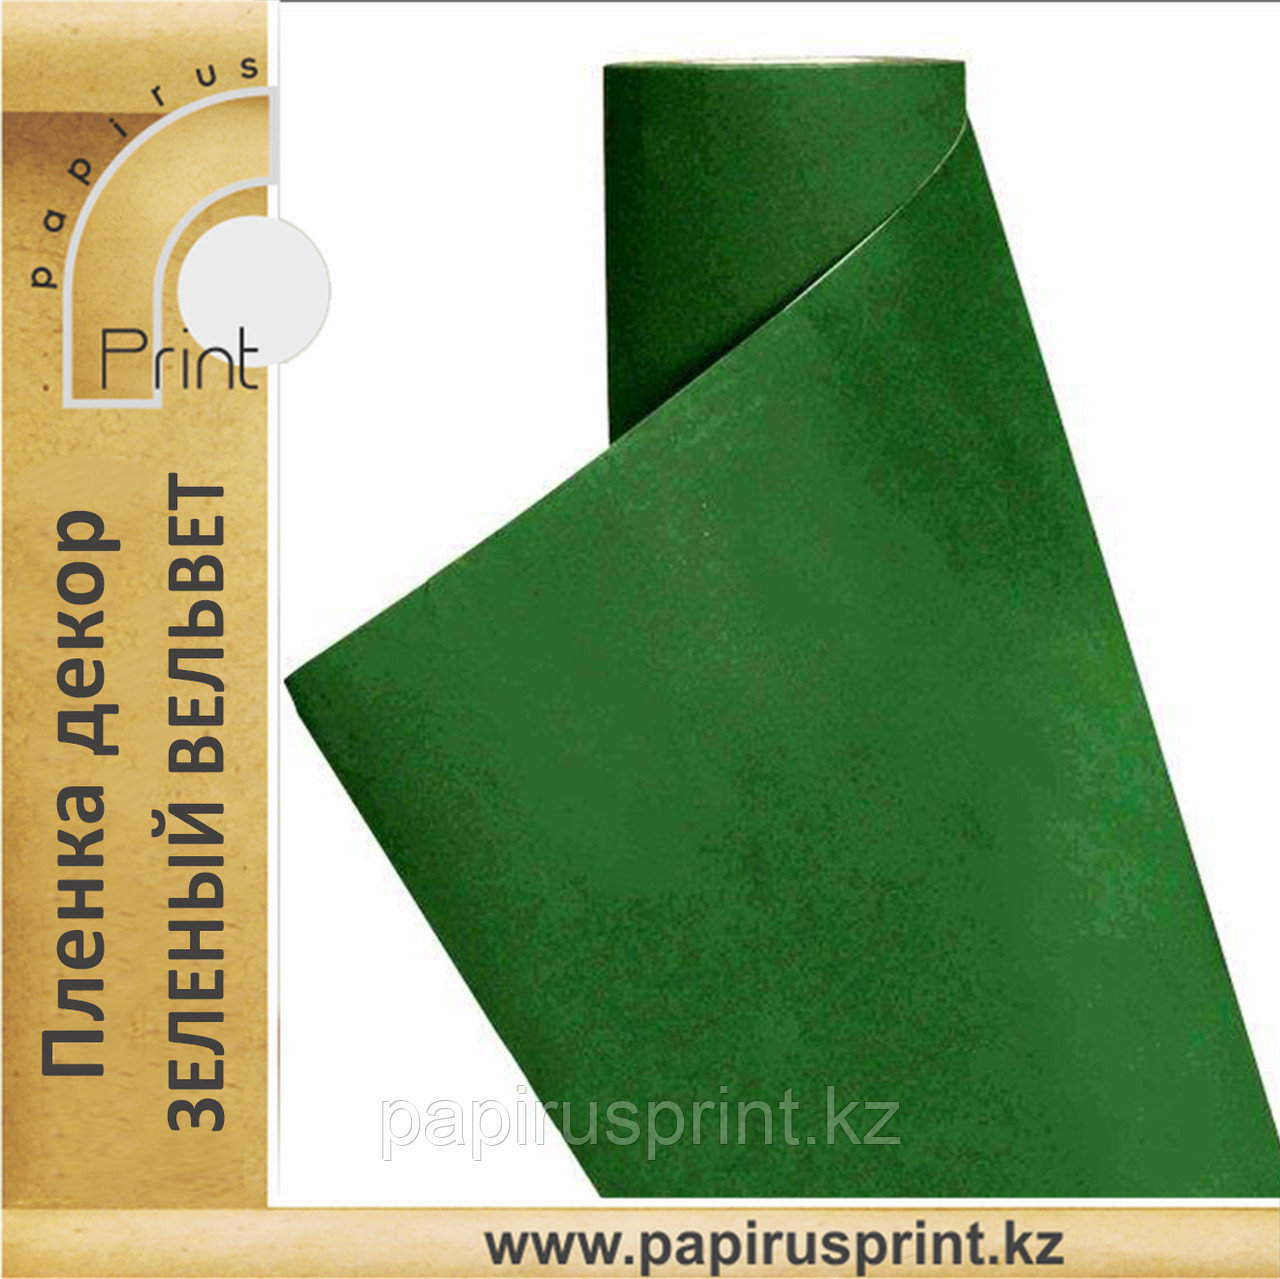 Пленка декор (вельвет зеленый) 1,35м